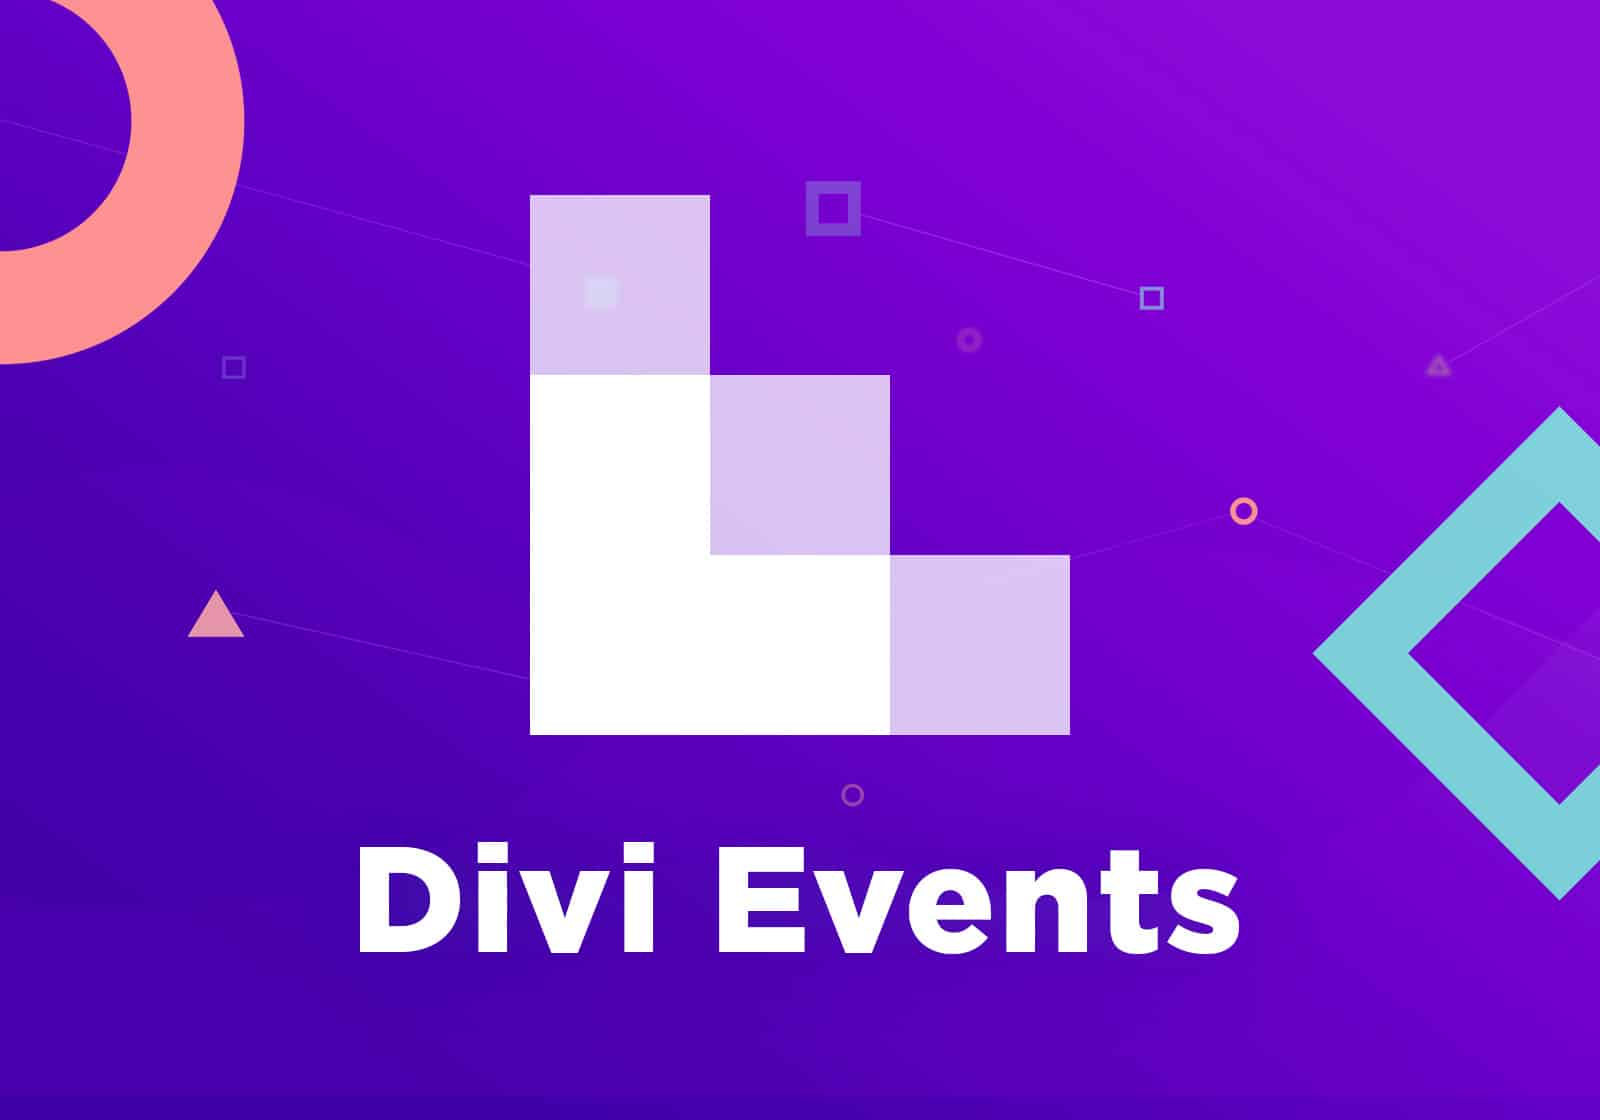 دانلود افزونه وردپرس مدیریت رویداد Divi Events